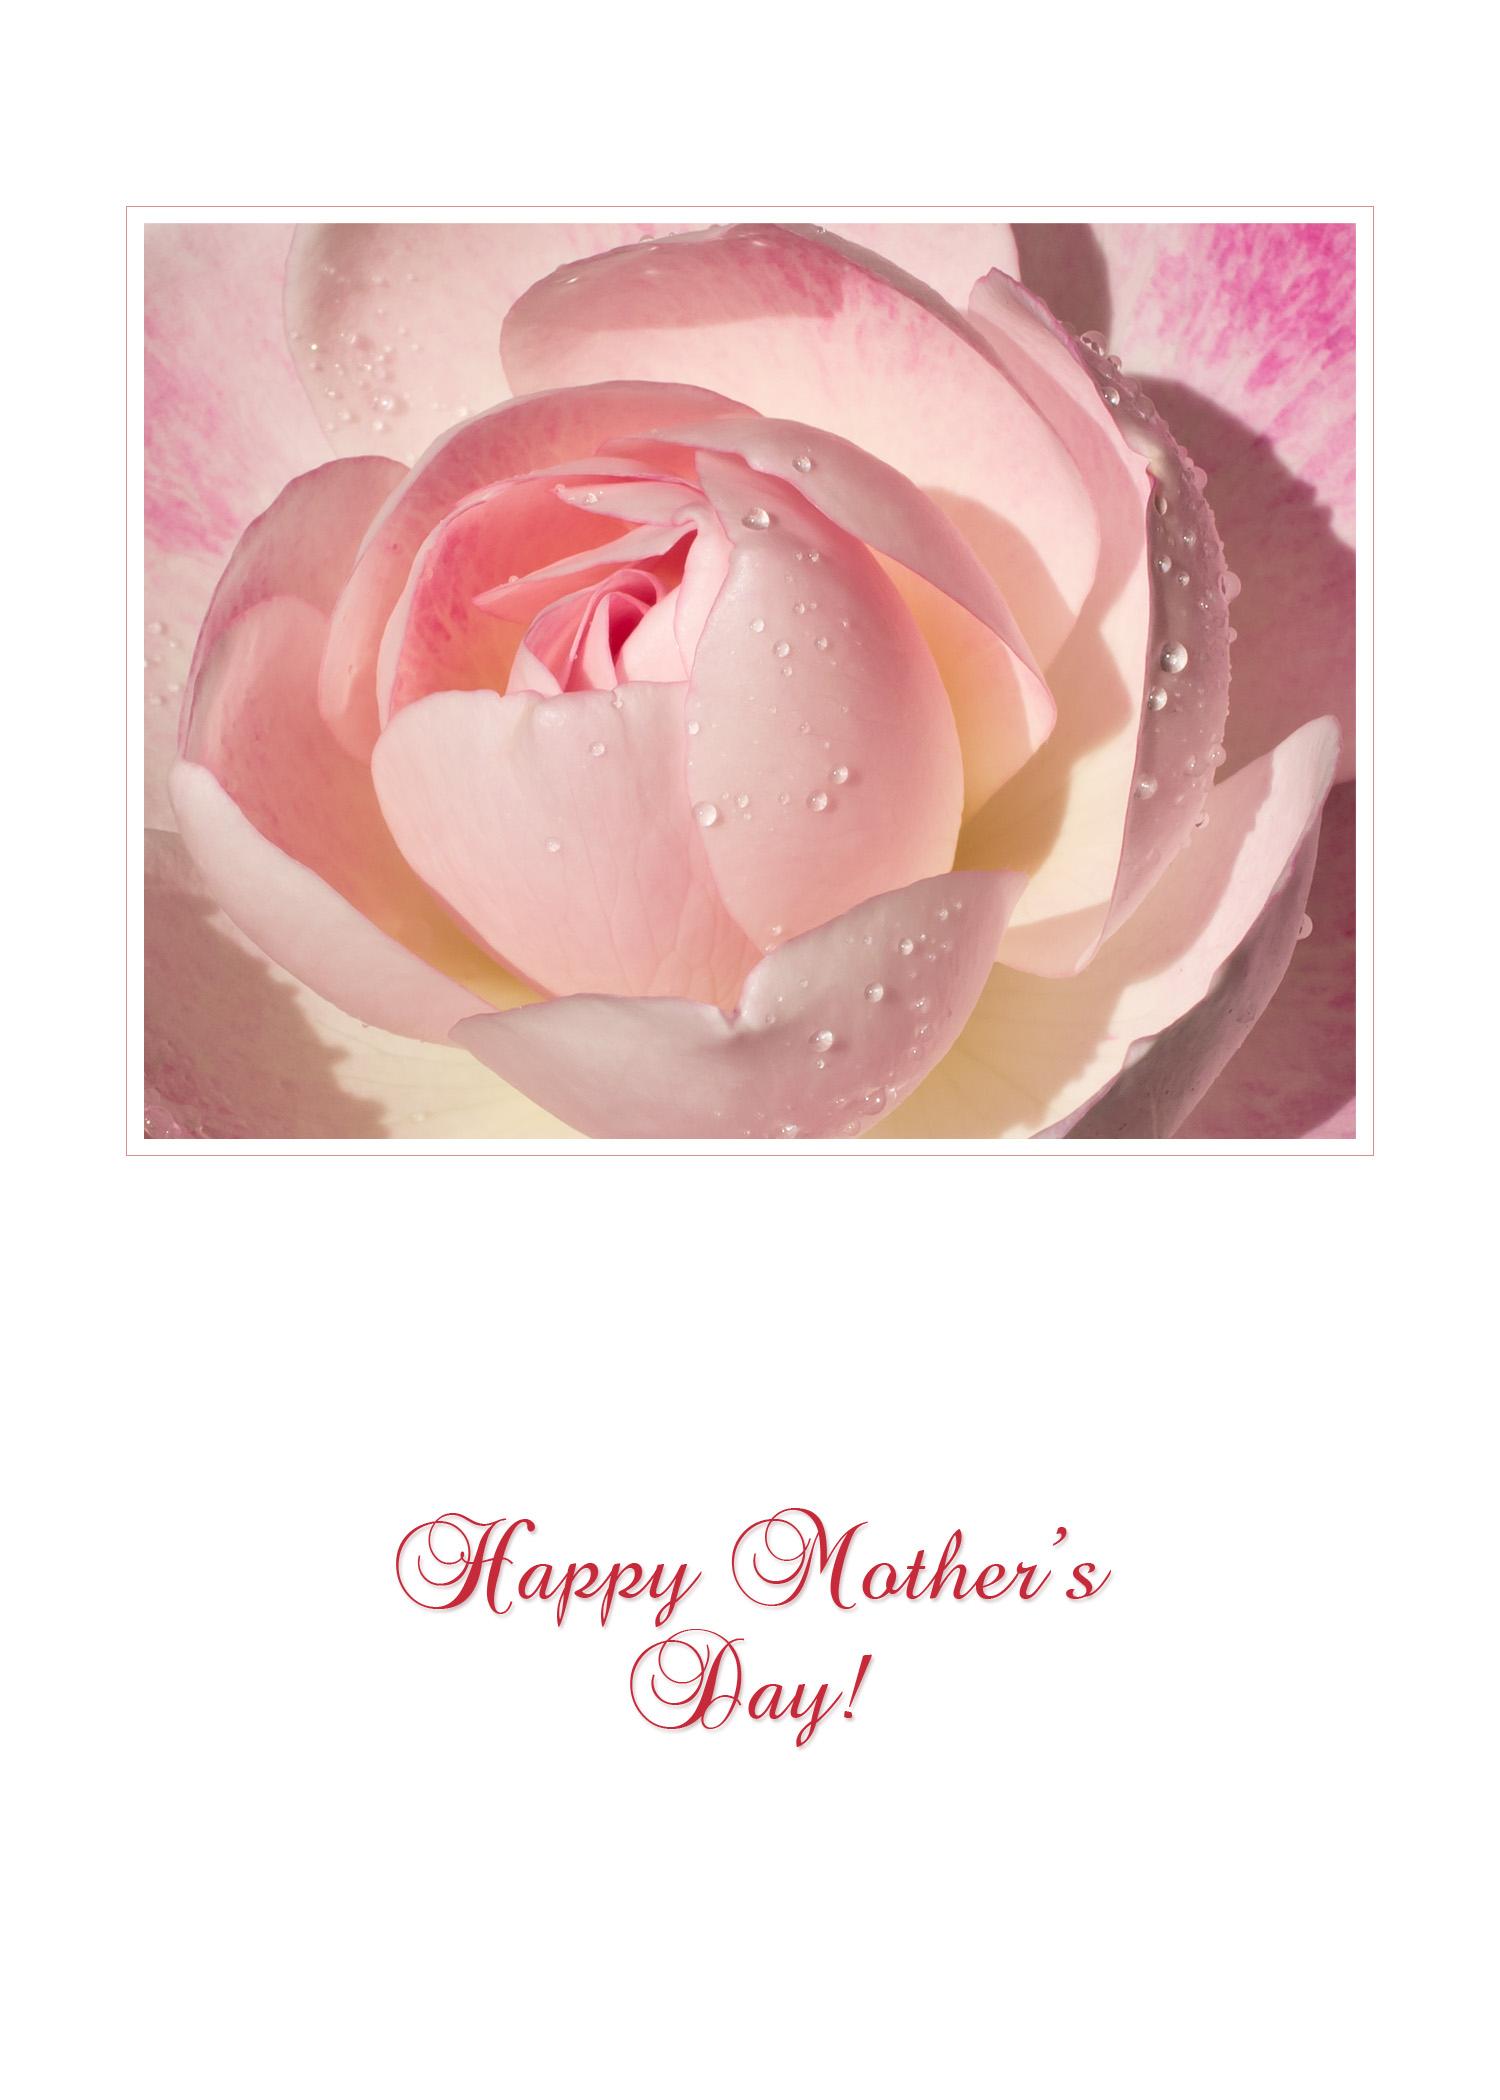 MothersDay_pink_rose_frame5x7.jpg